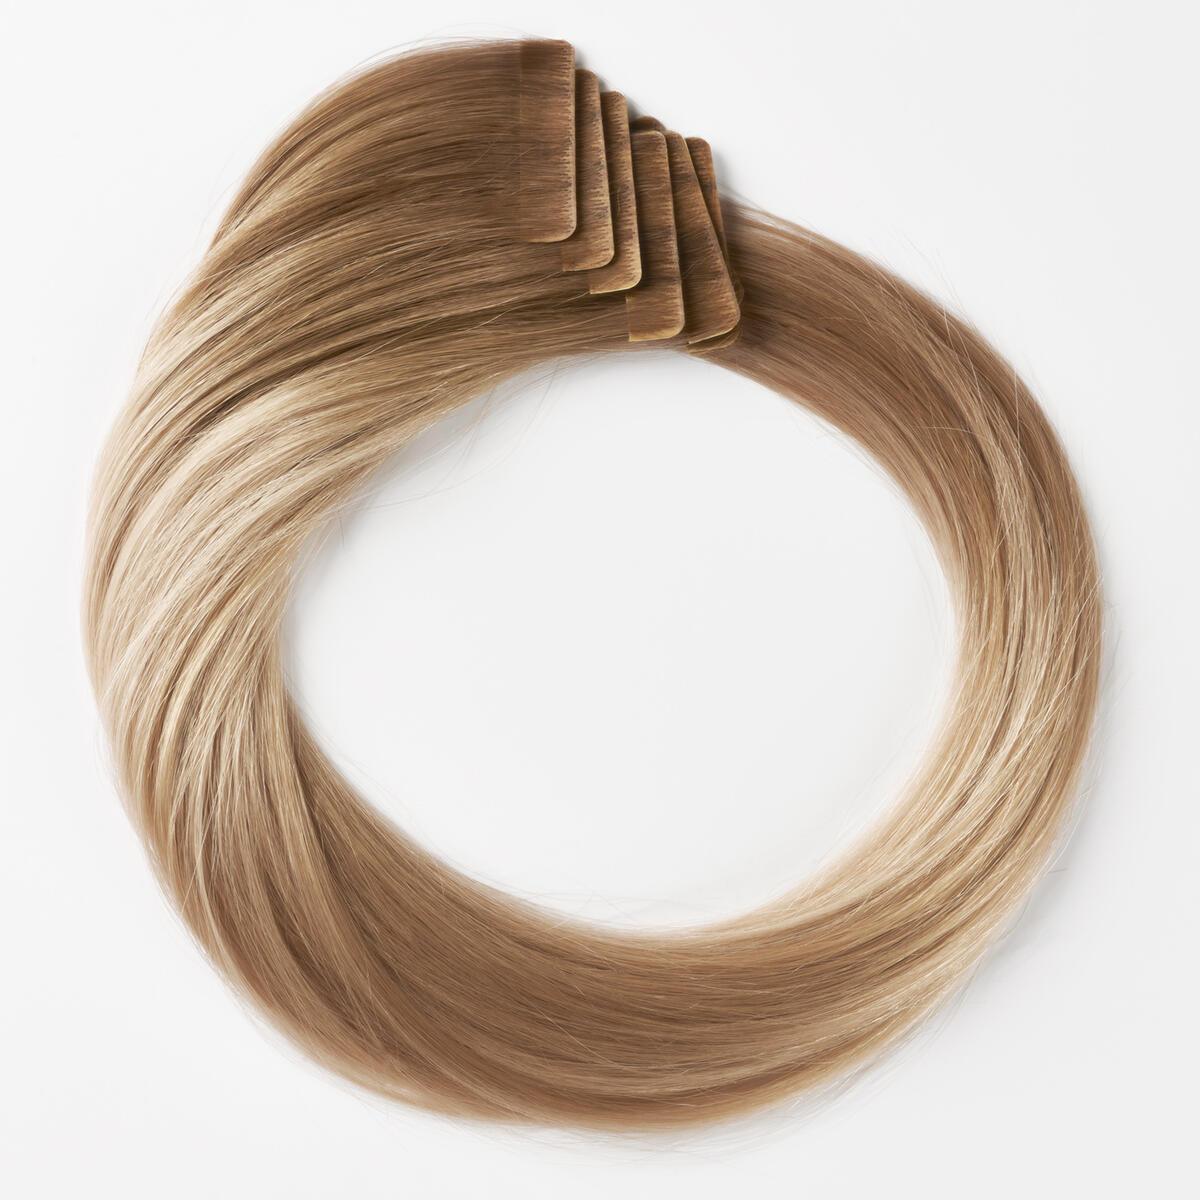 Pro Tape Extension B5.1/7.3 Brown Ash Blonde Balayage 50 cm